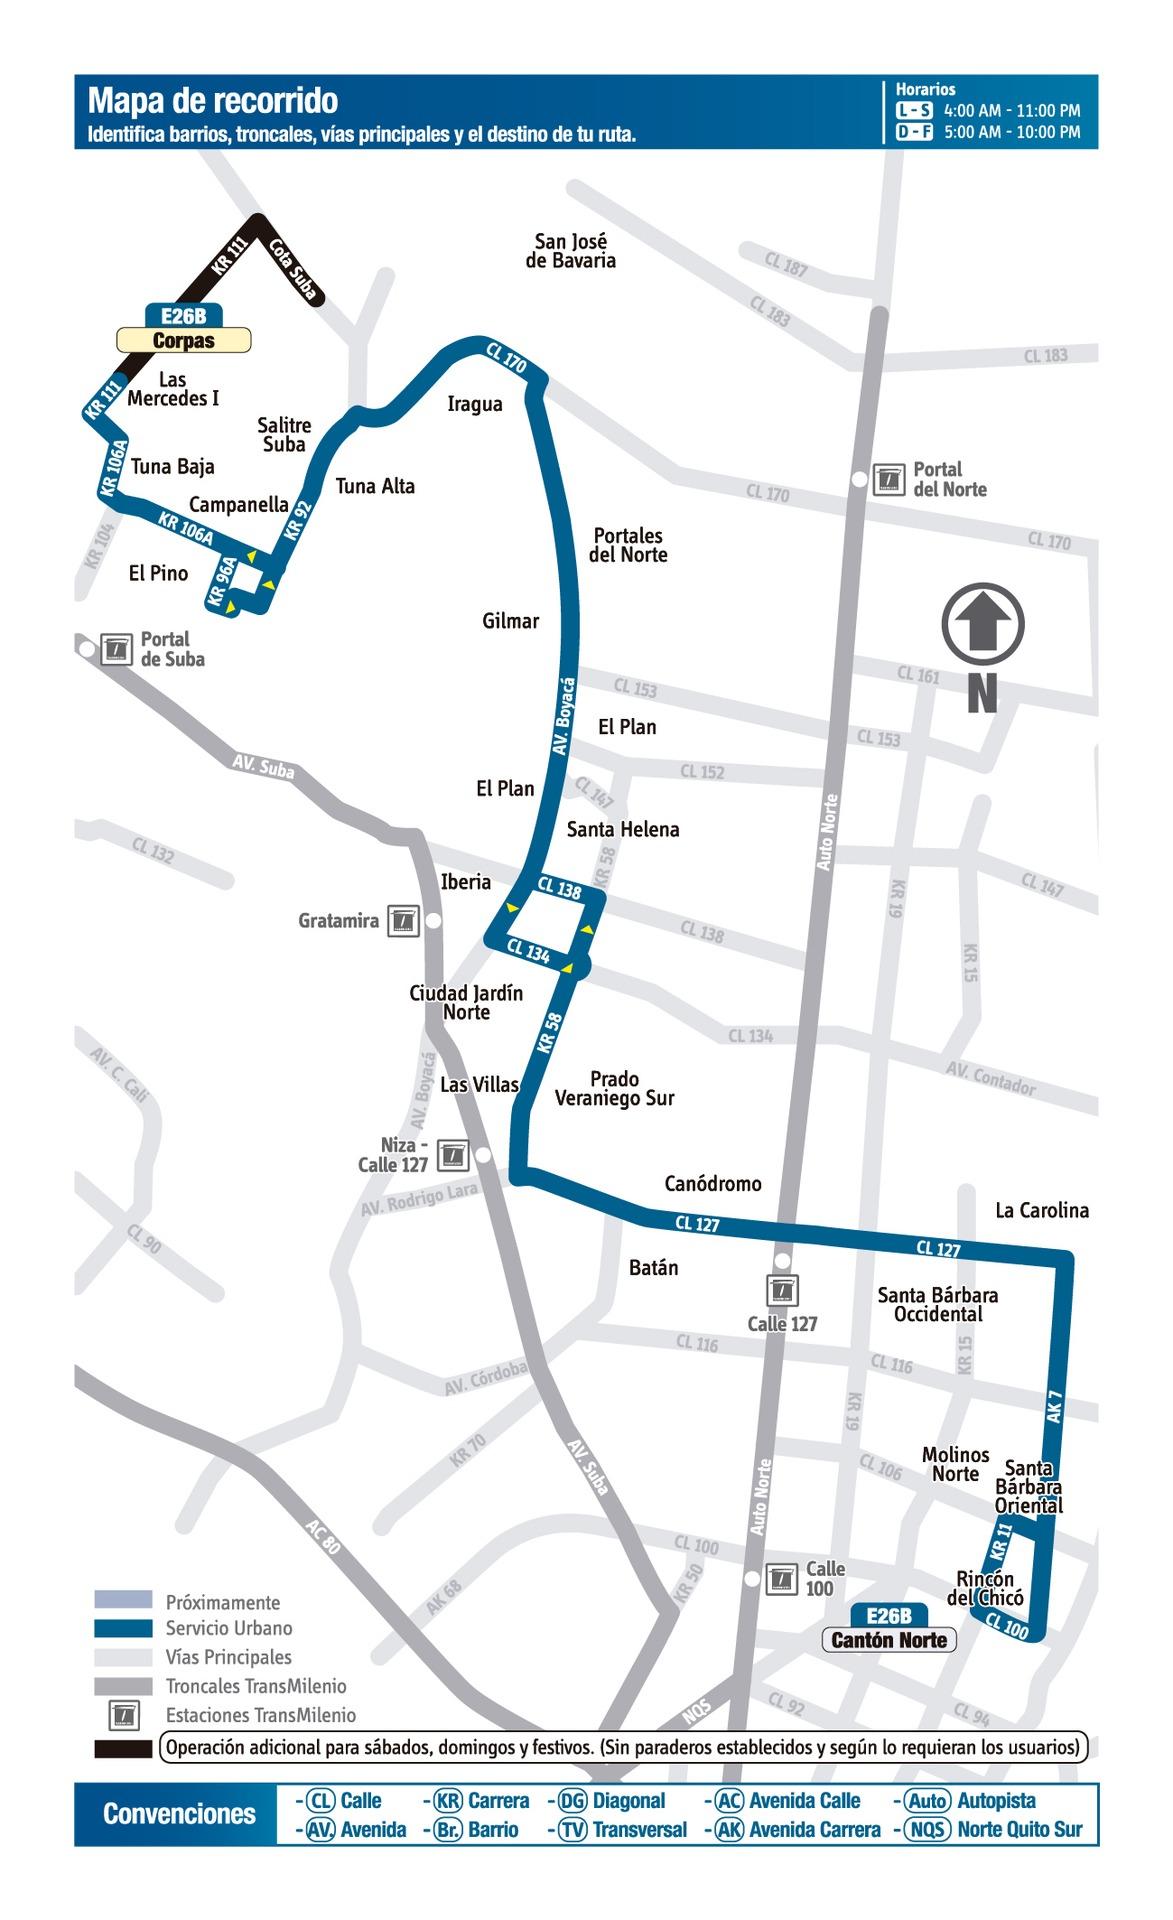 Ruta SITP: E26B Corpas ↔ Cantón Norte/Cota [Urbana] 1